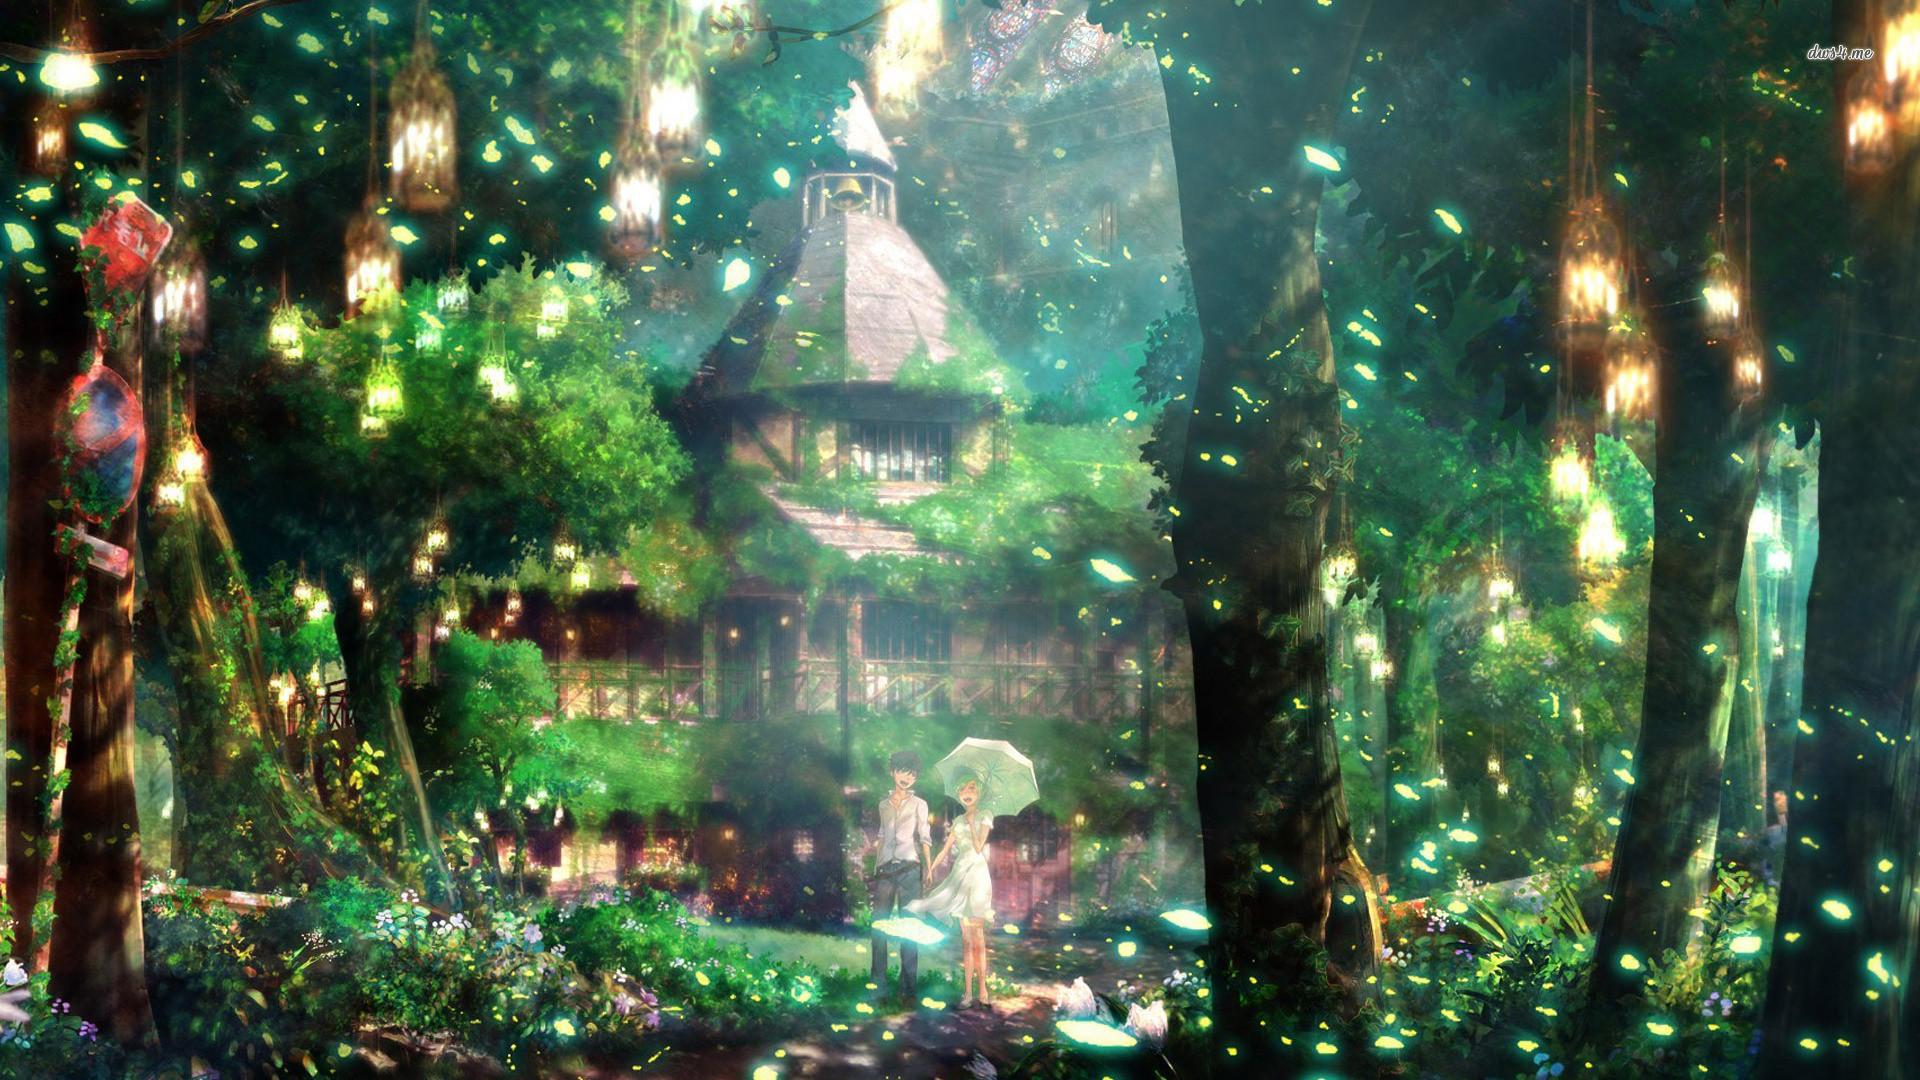 Magical forest Anime HD desktop wallpaper, Forest wallpaper, Couple  wallpaper – Anime no.